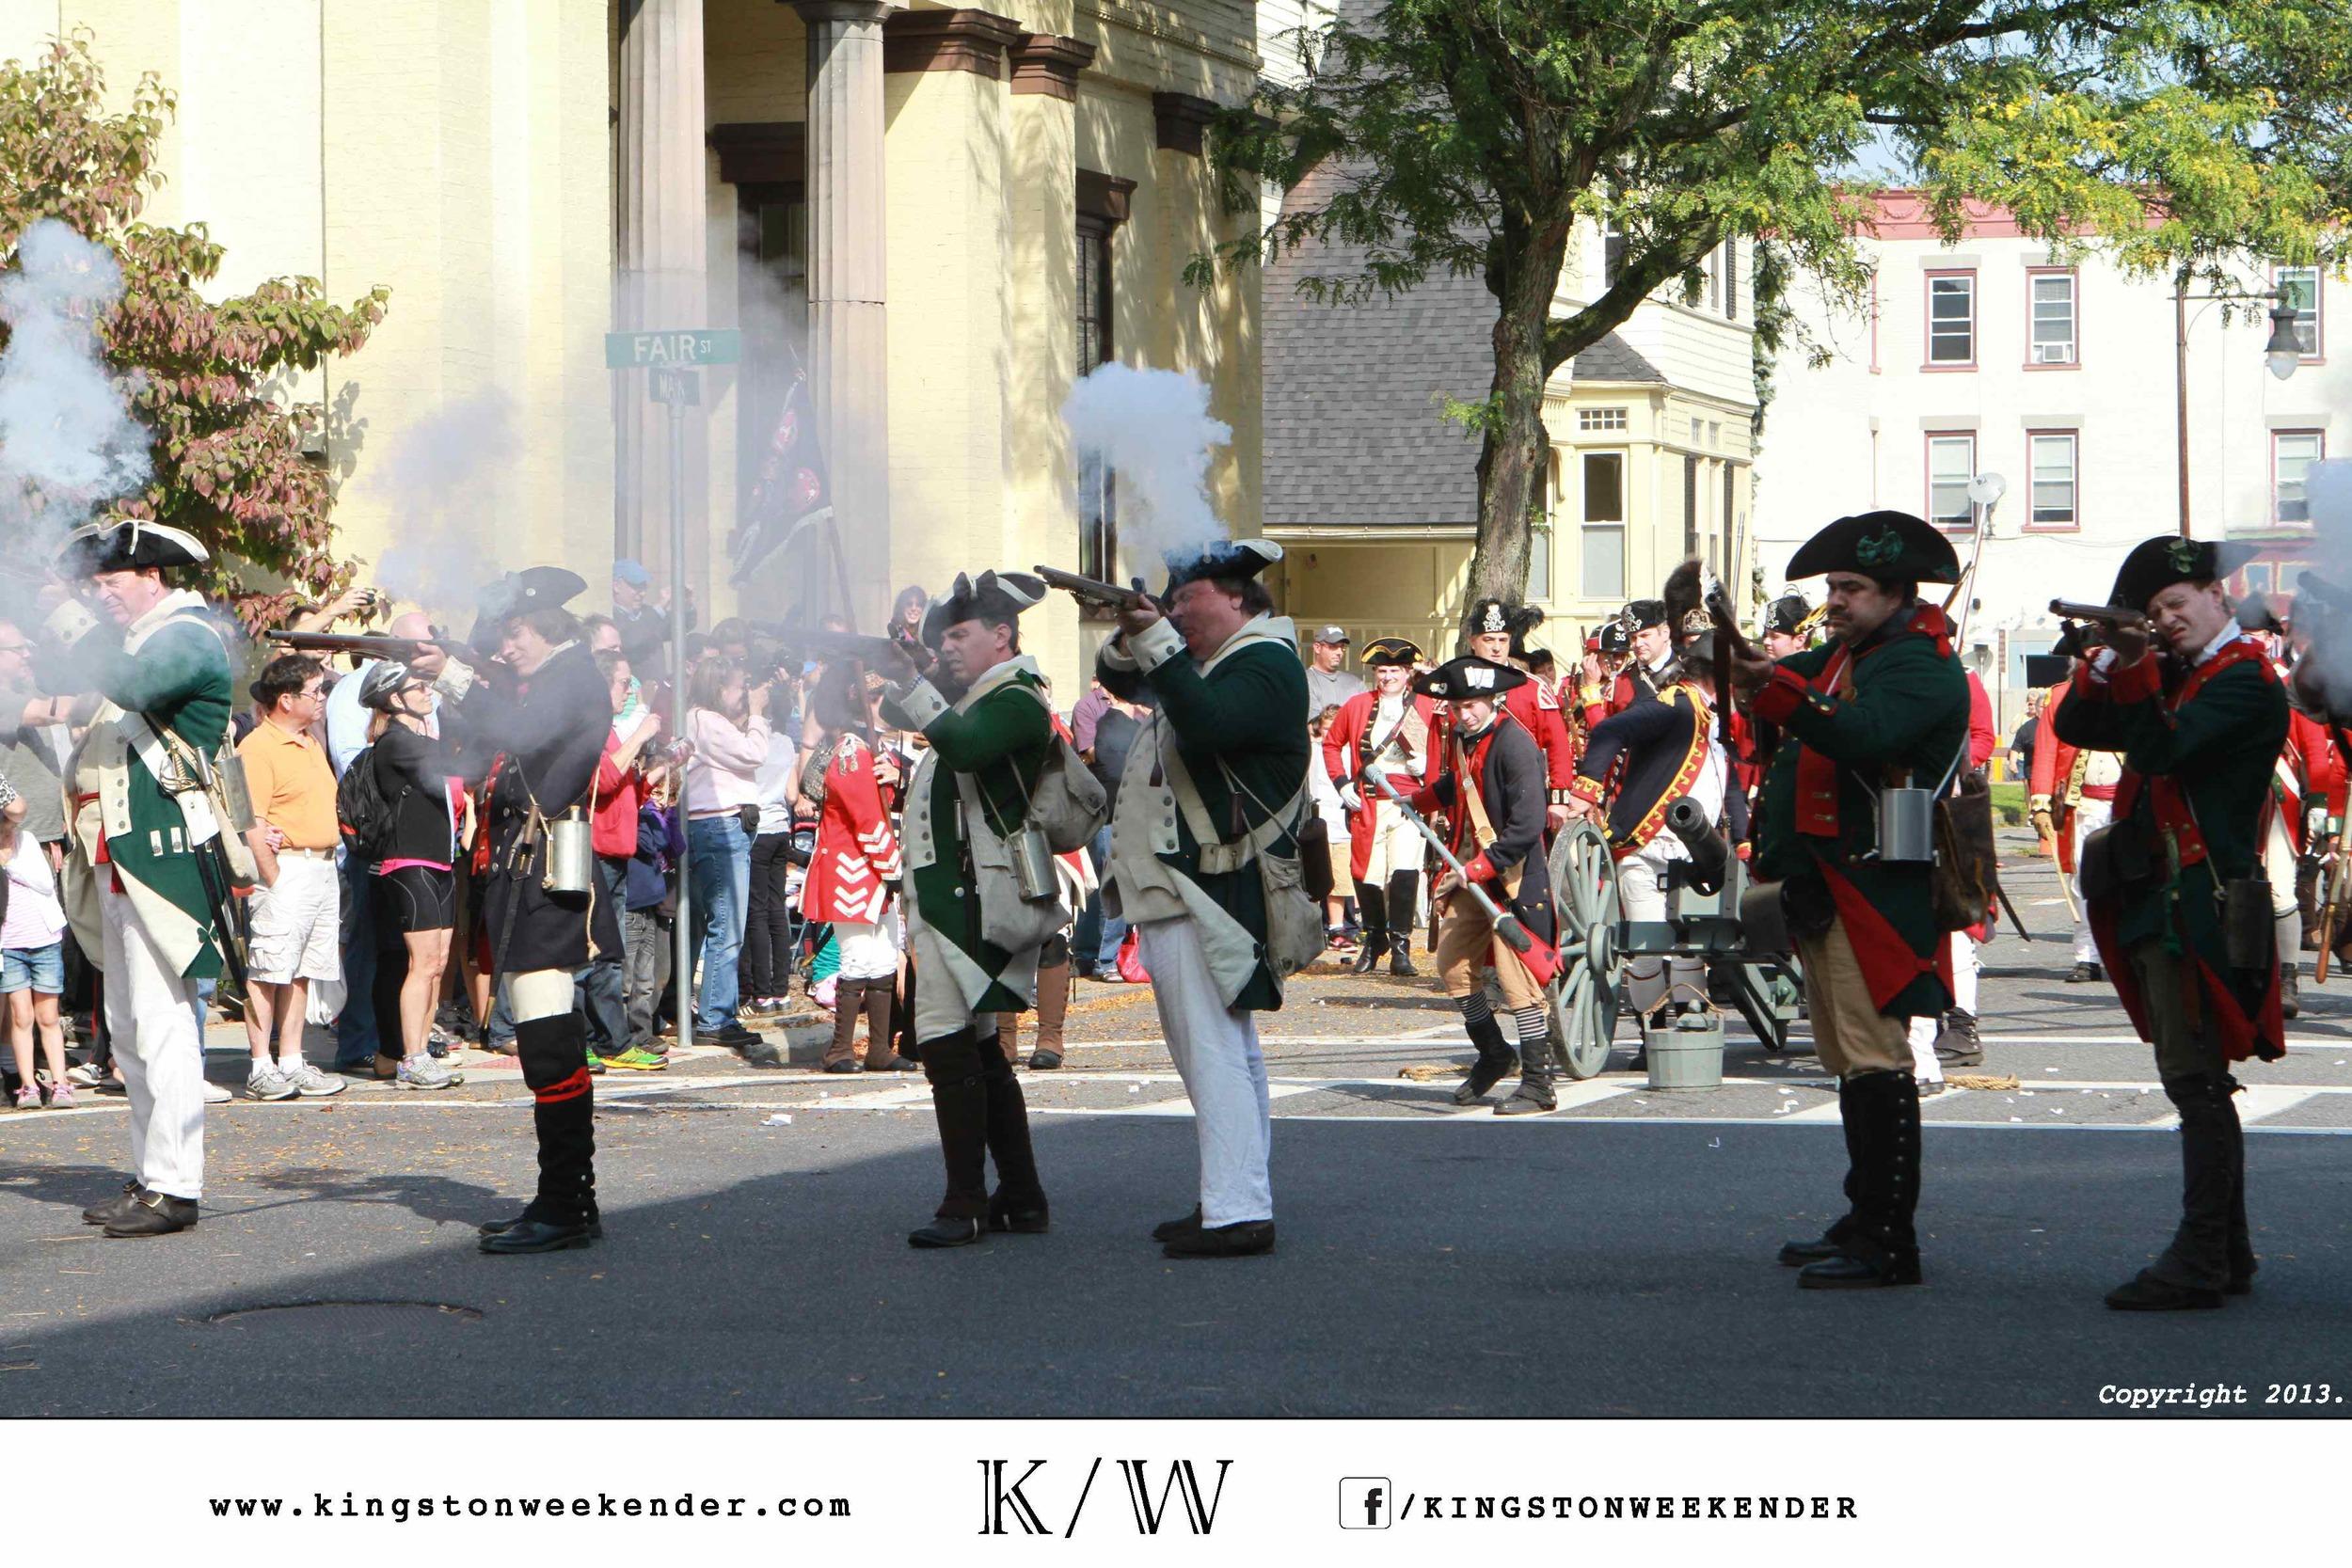 kingston-weekender-photo-credits18.jpg